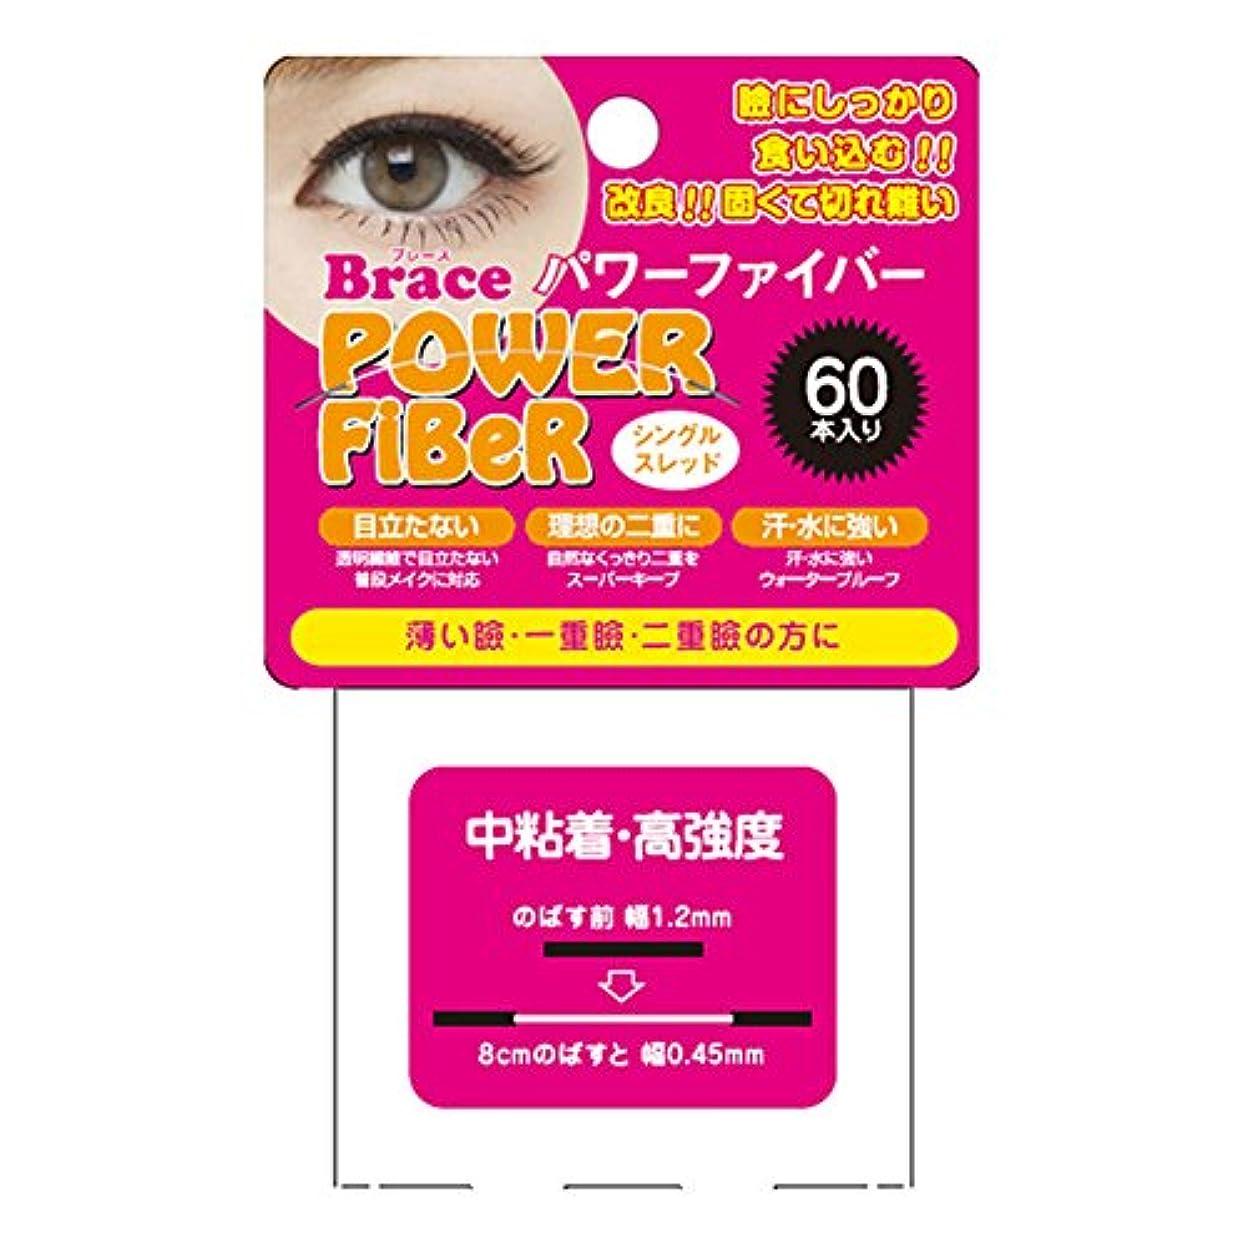 記念品歩道売上高Brace ブレース パワーファイバー シングルスレッド クリア 1.2mm 60本入 (眼瞼下垂防止用テープ)